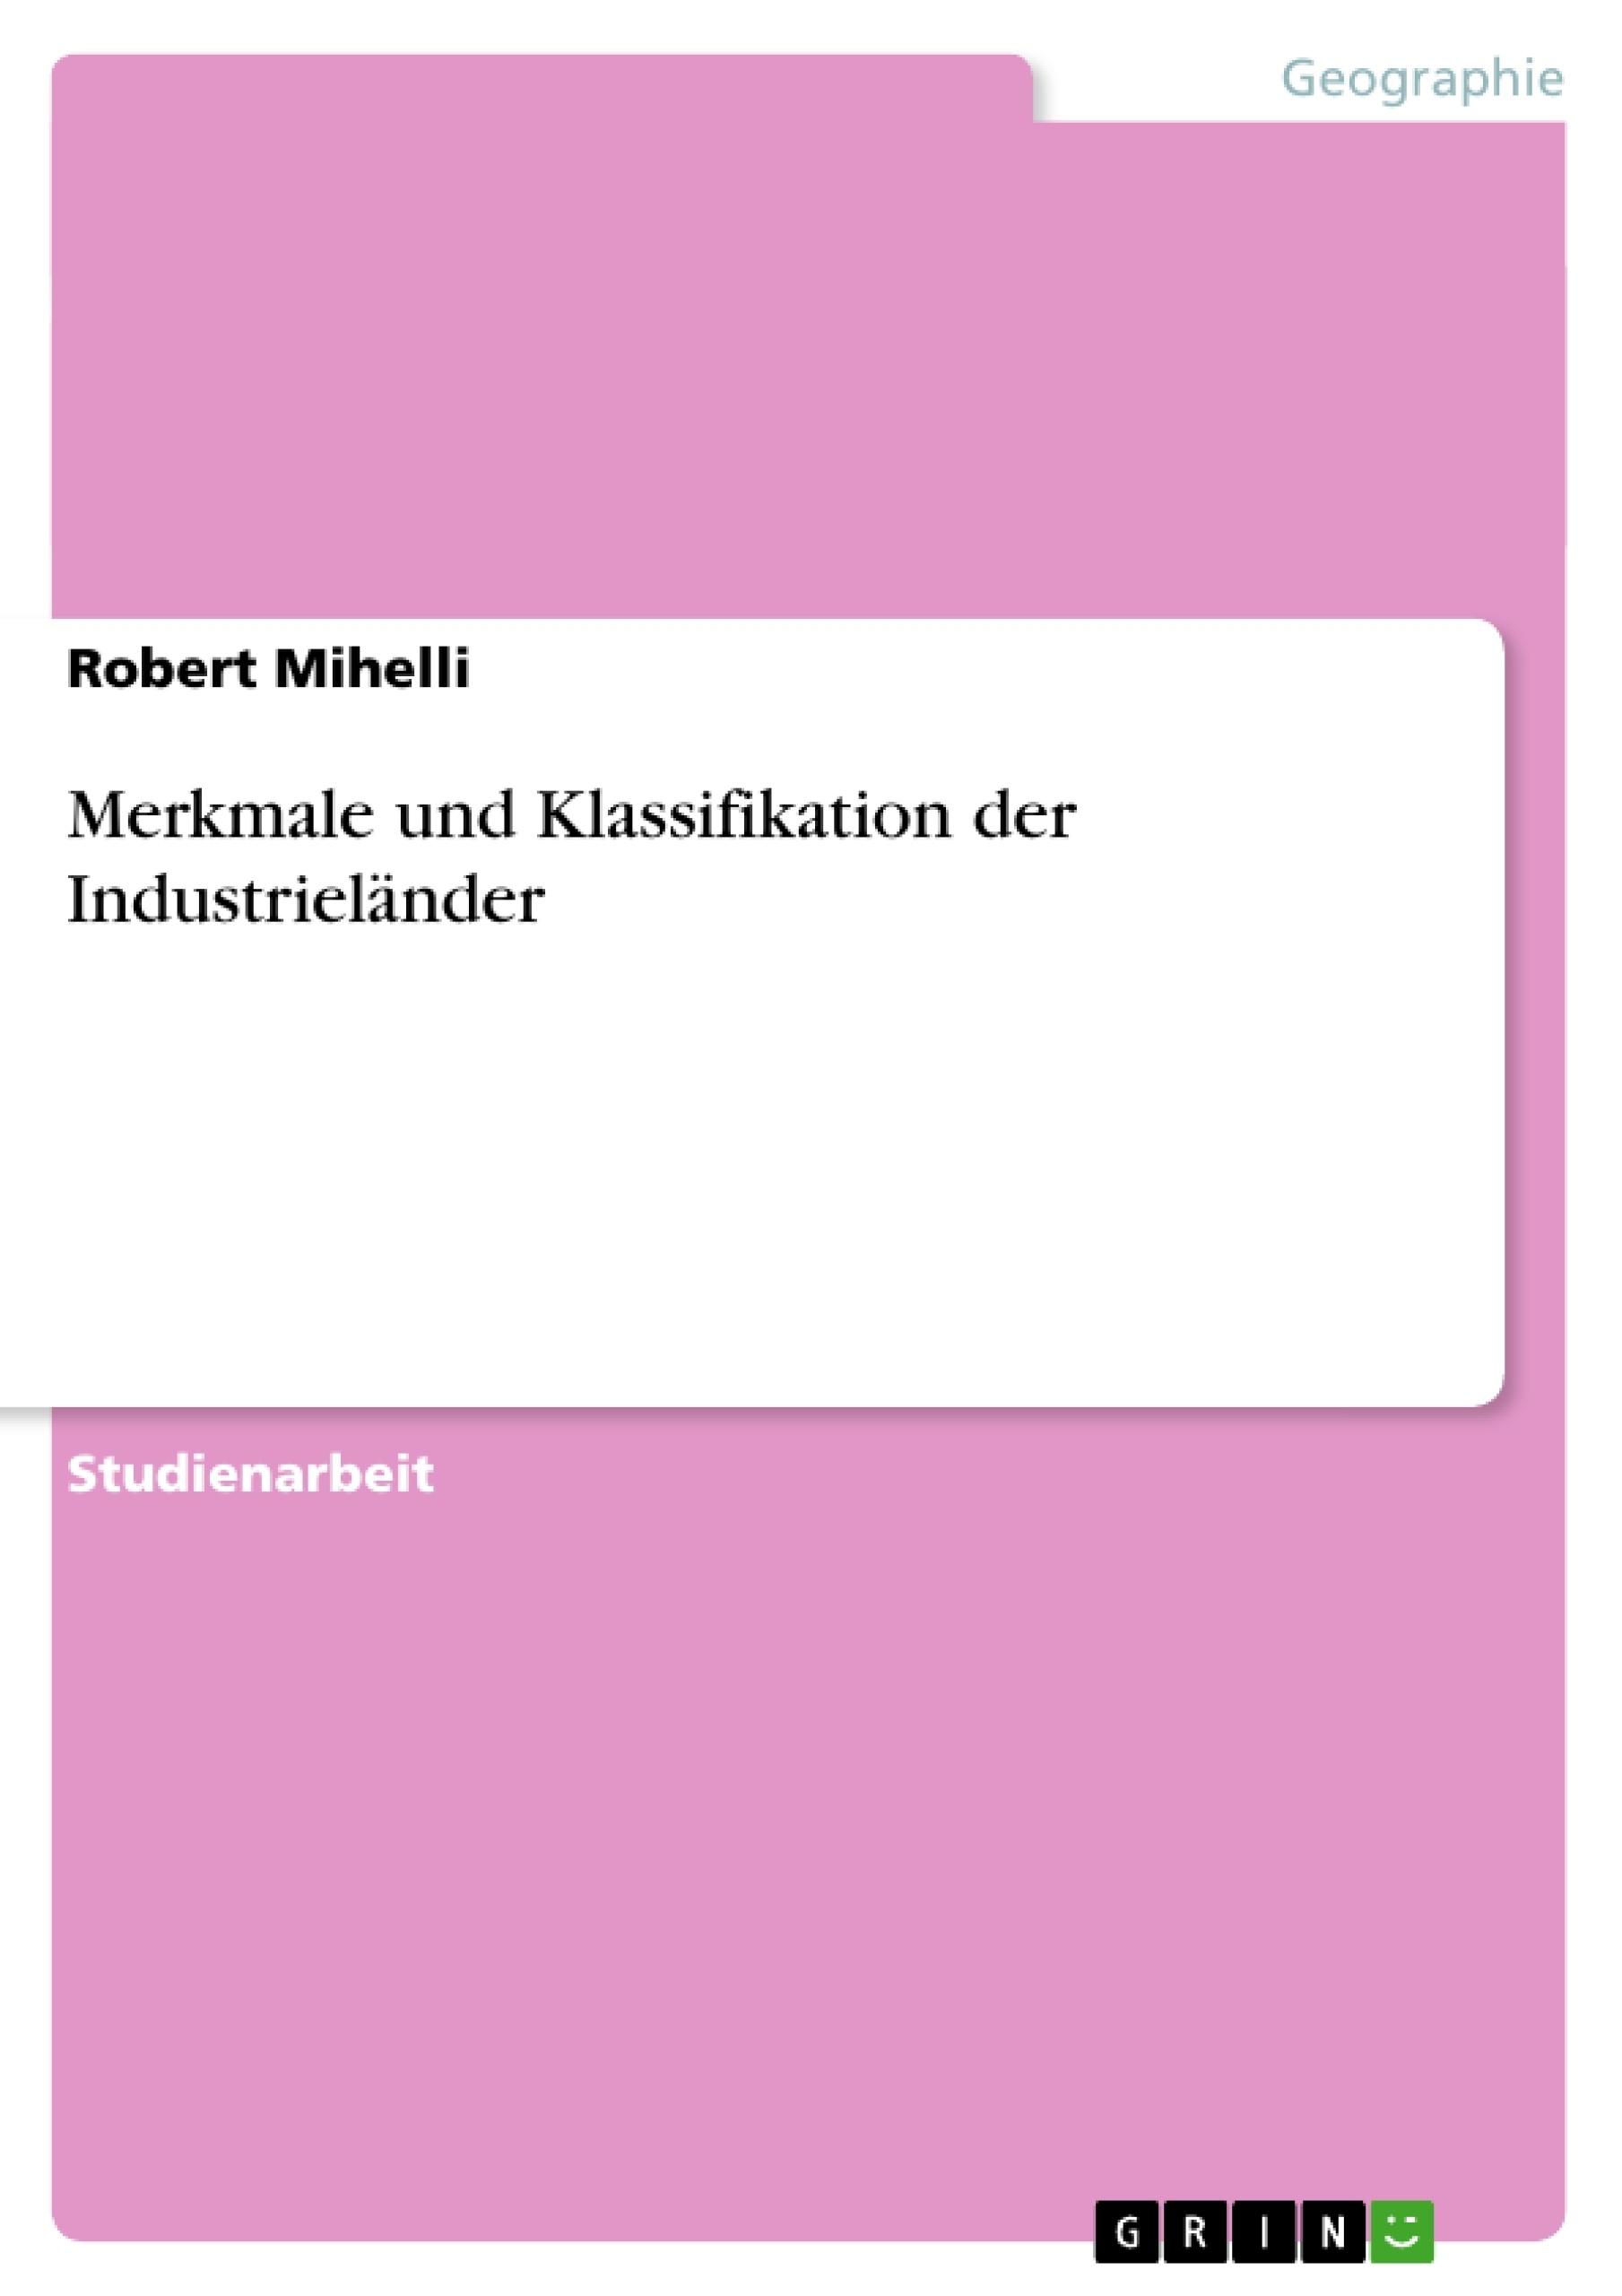 Titel: Merkmale und Klassifikation der Industrieländer